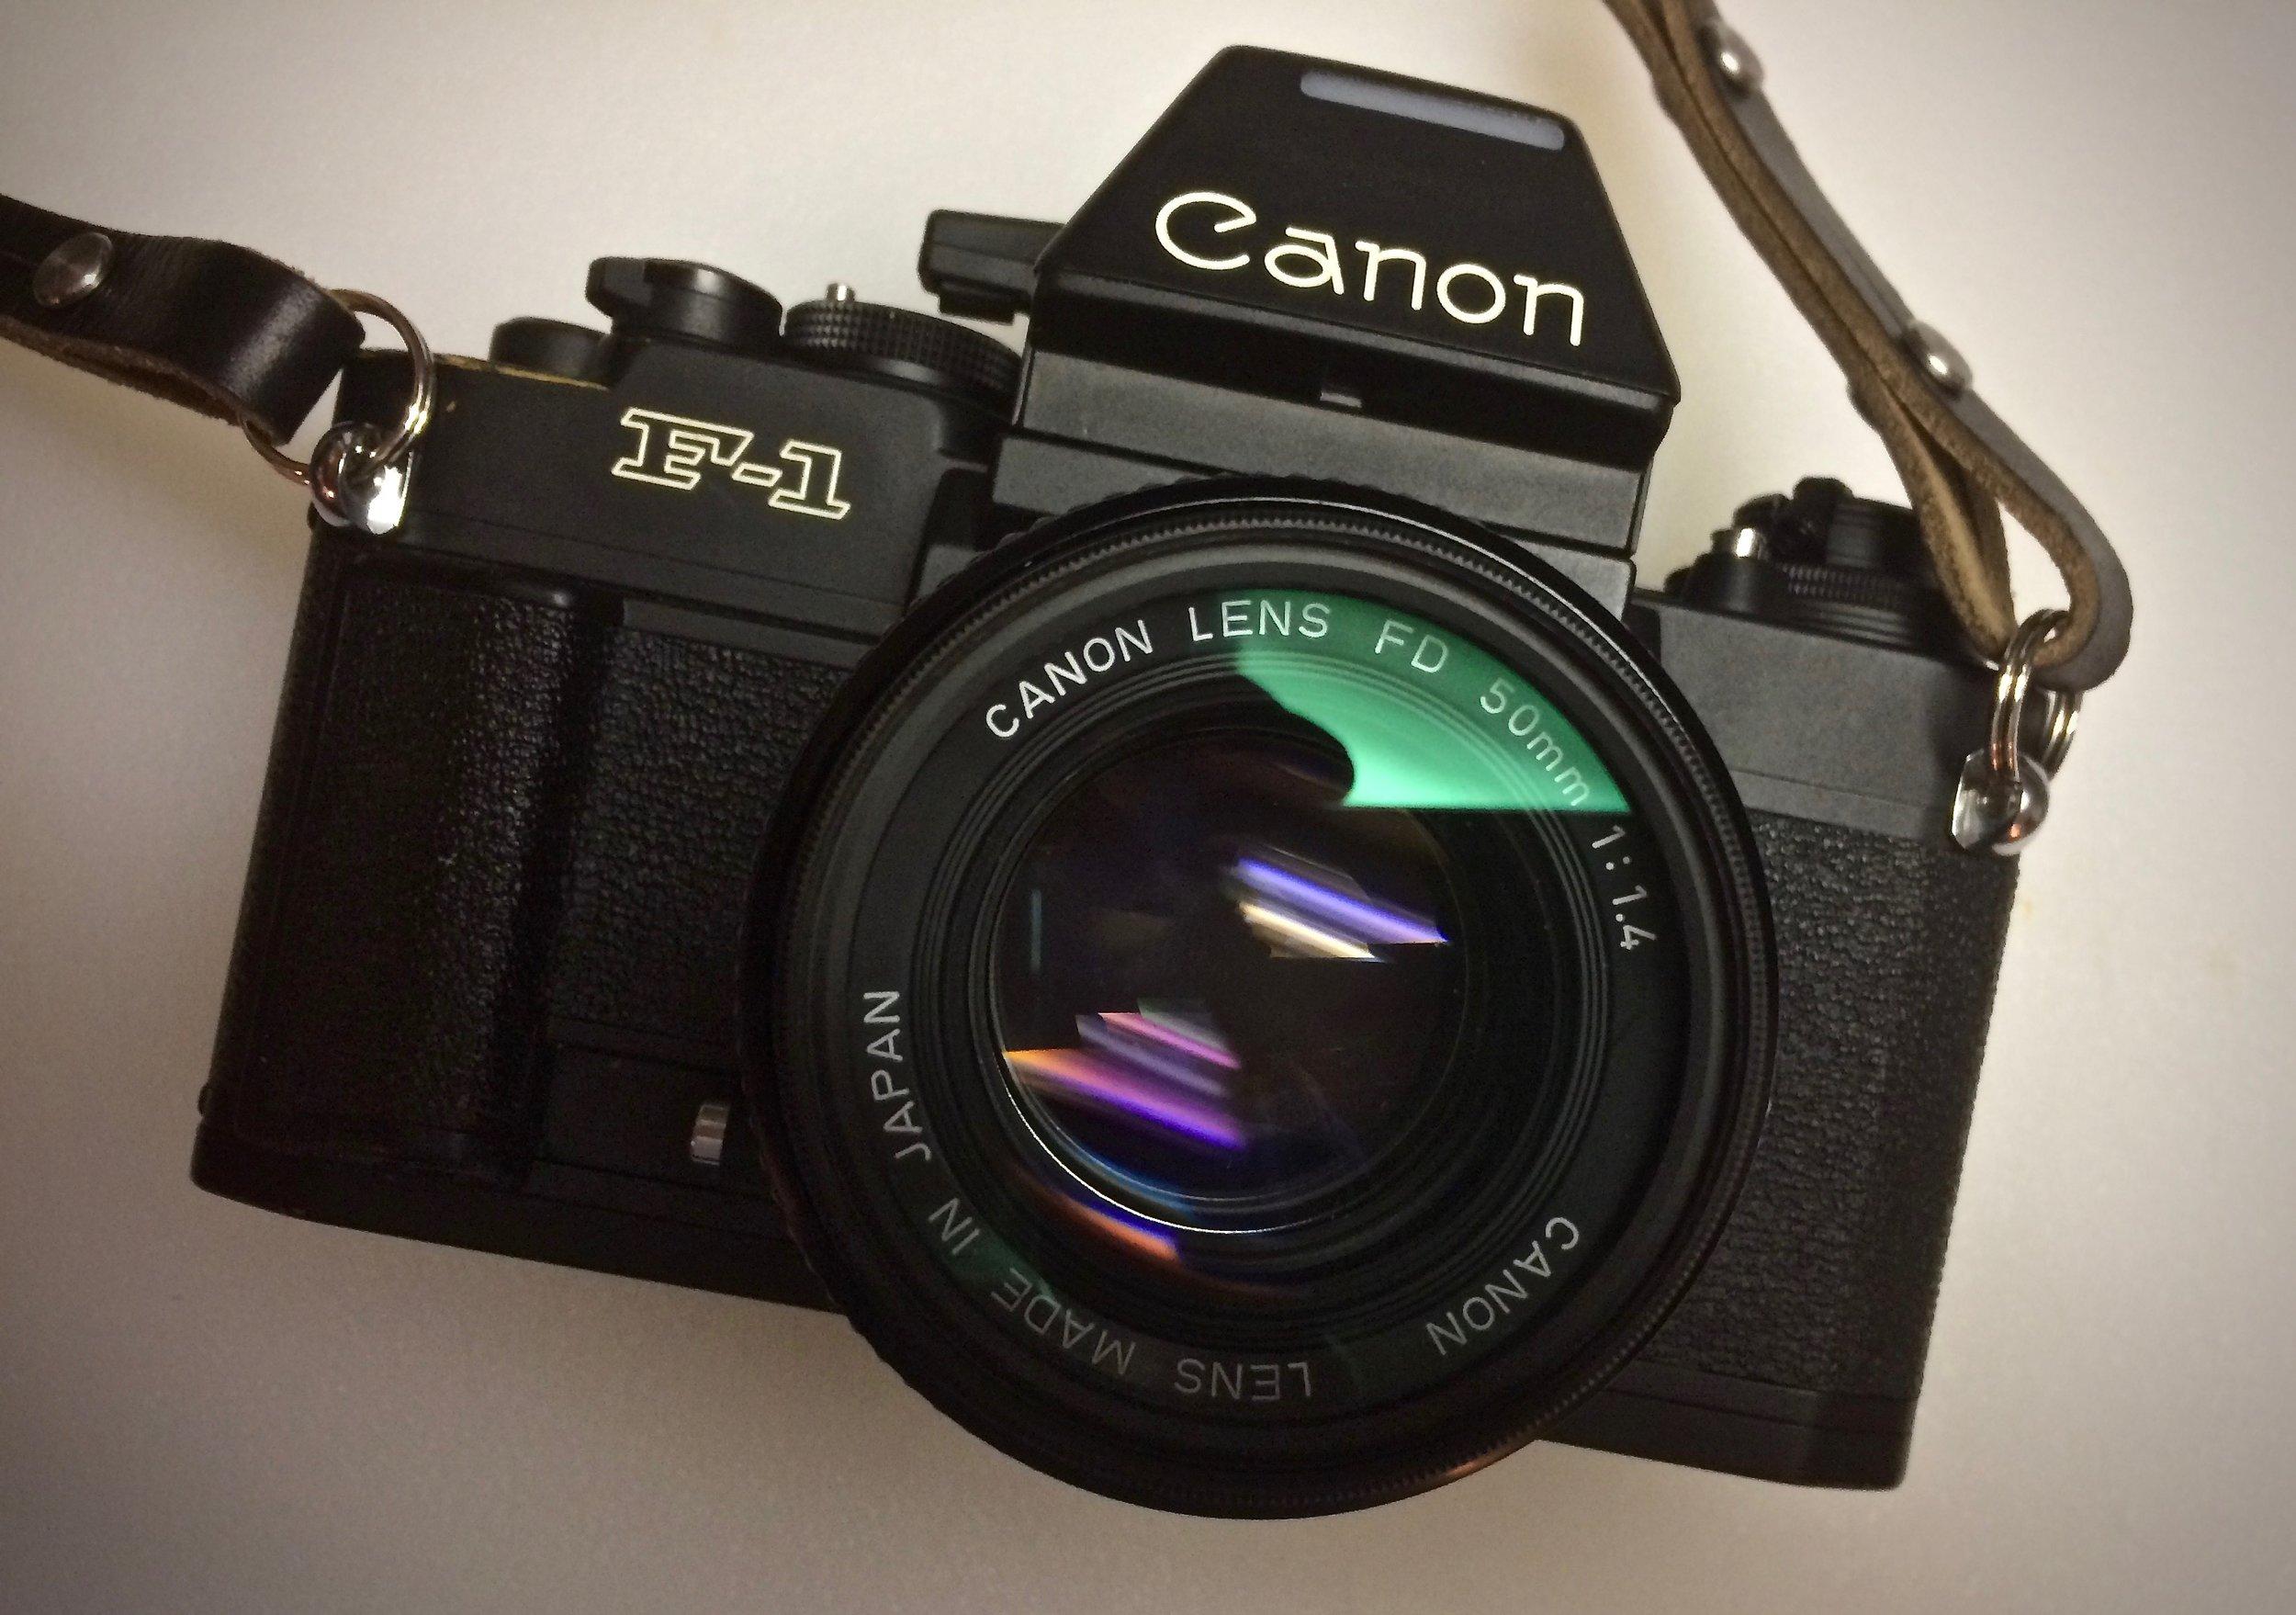 New Canon F-1